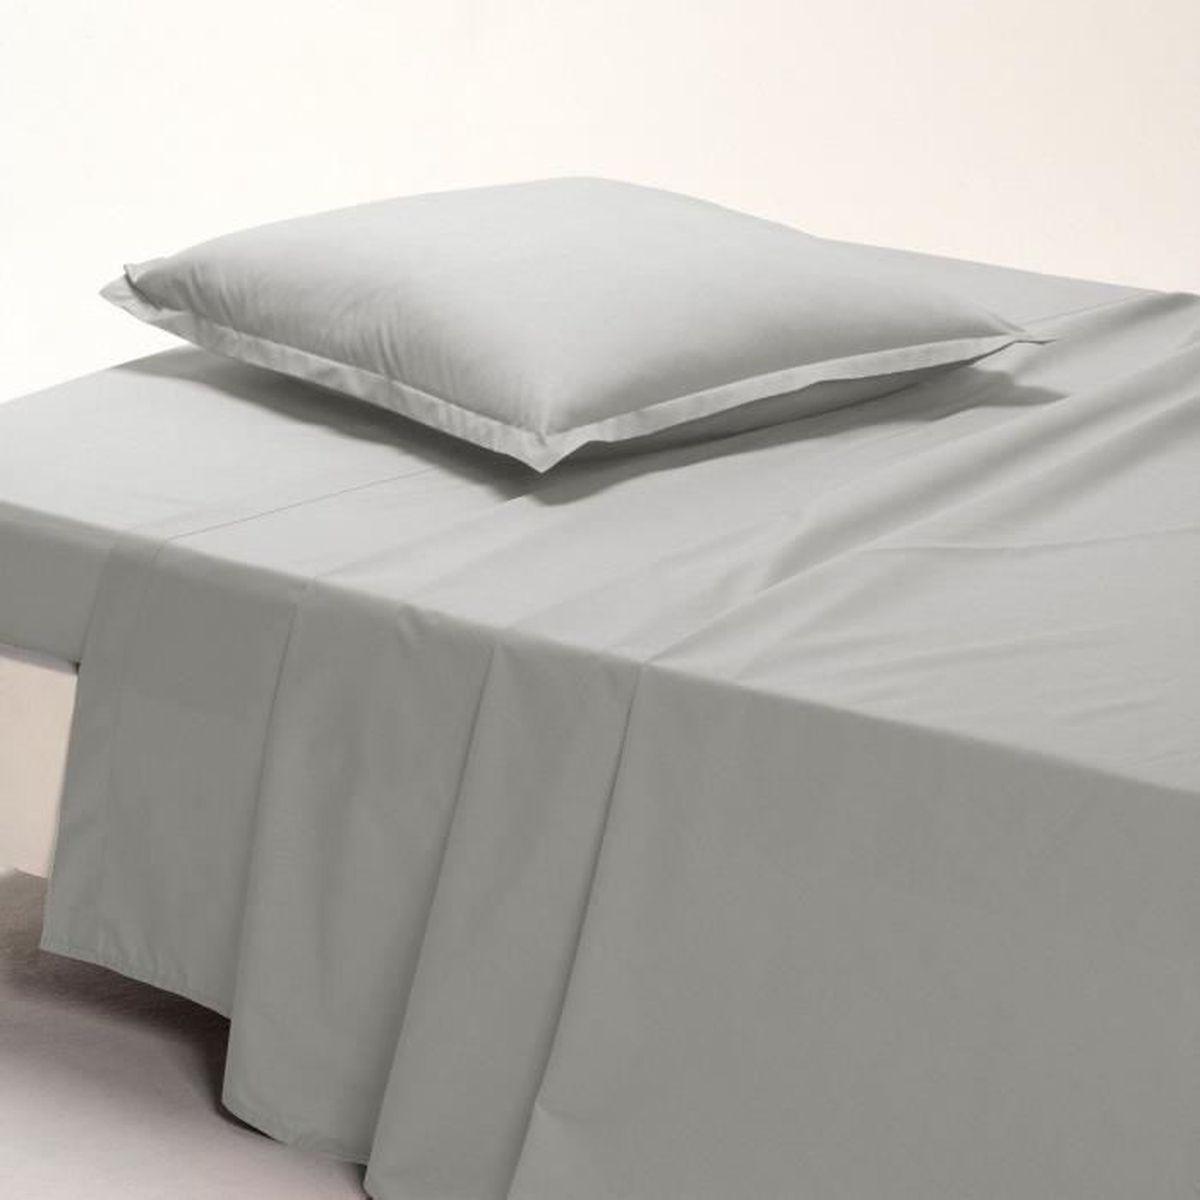 Drap Plat Uni Marque La Redoute 180 X 290 Cm Pur Coton